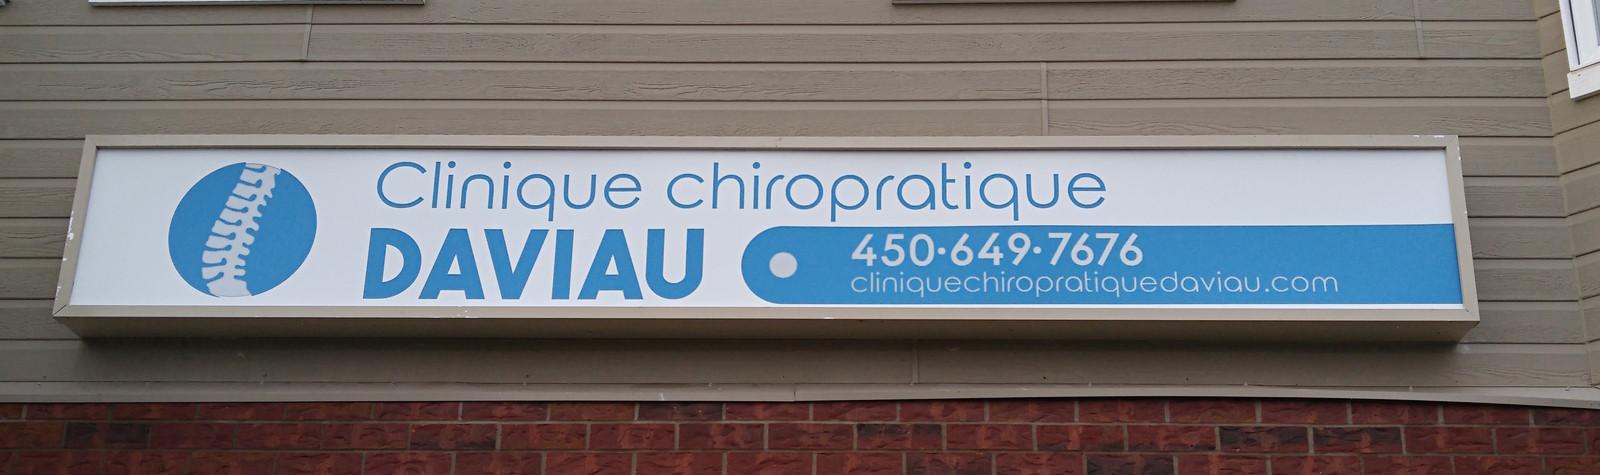 Enseigne Clinique Chiropratique Daviau - St-Amable